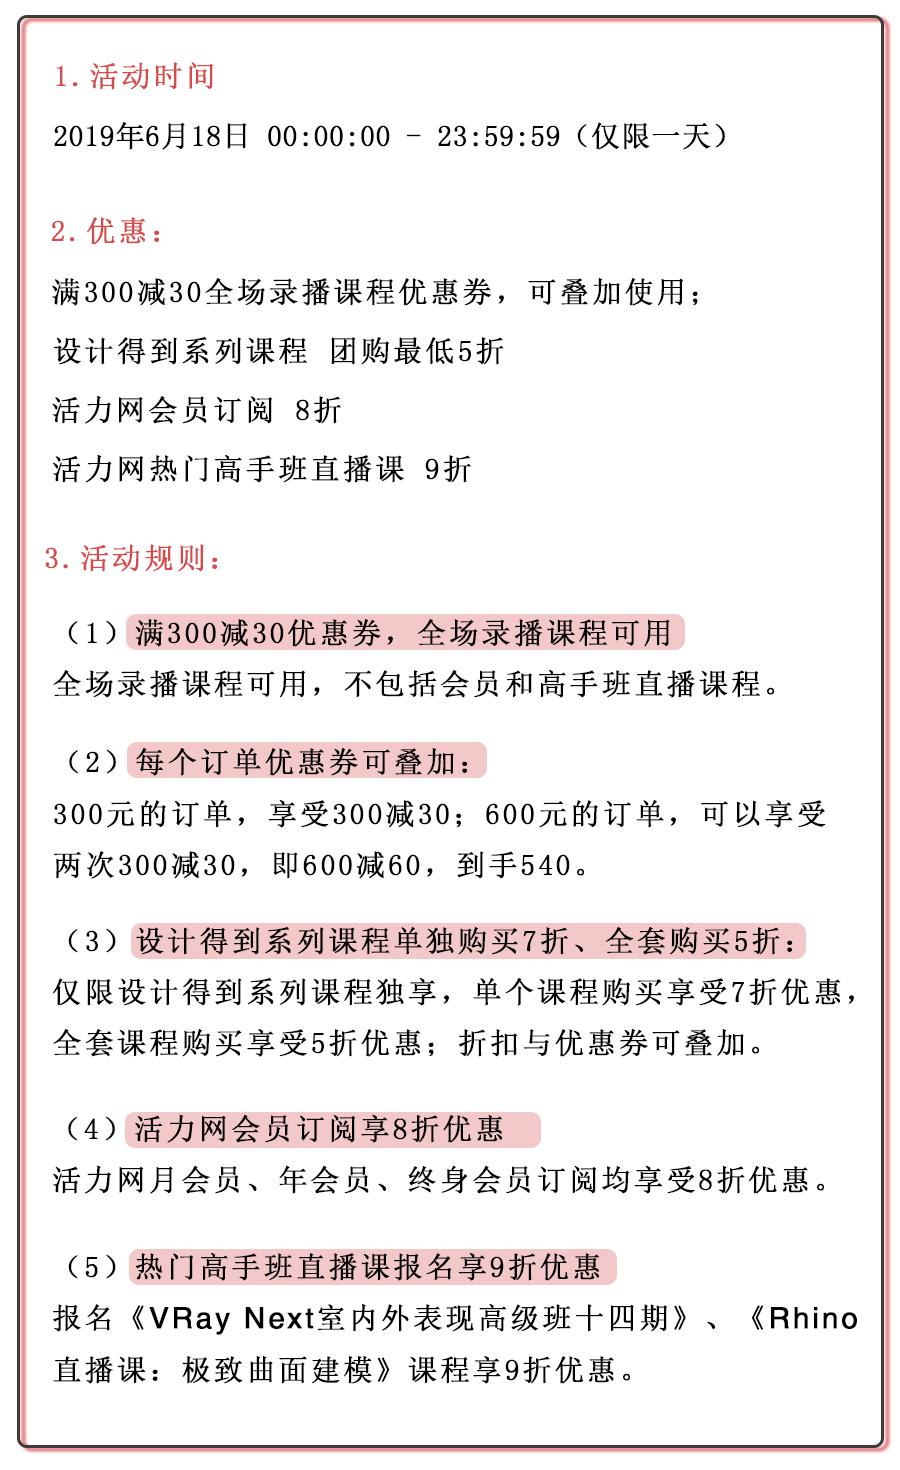 04 活动优惠汇总.png